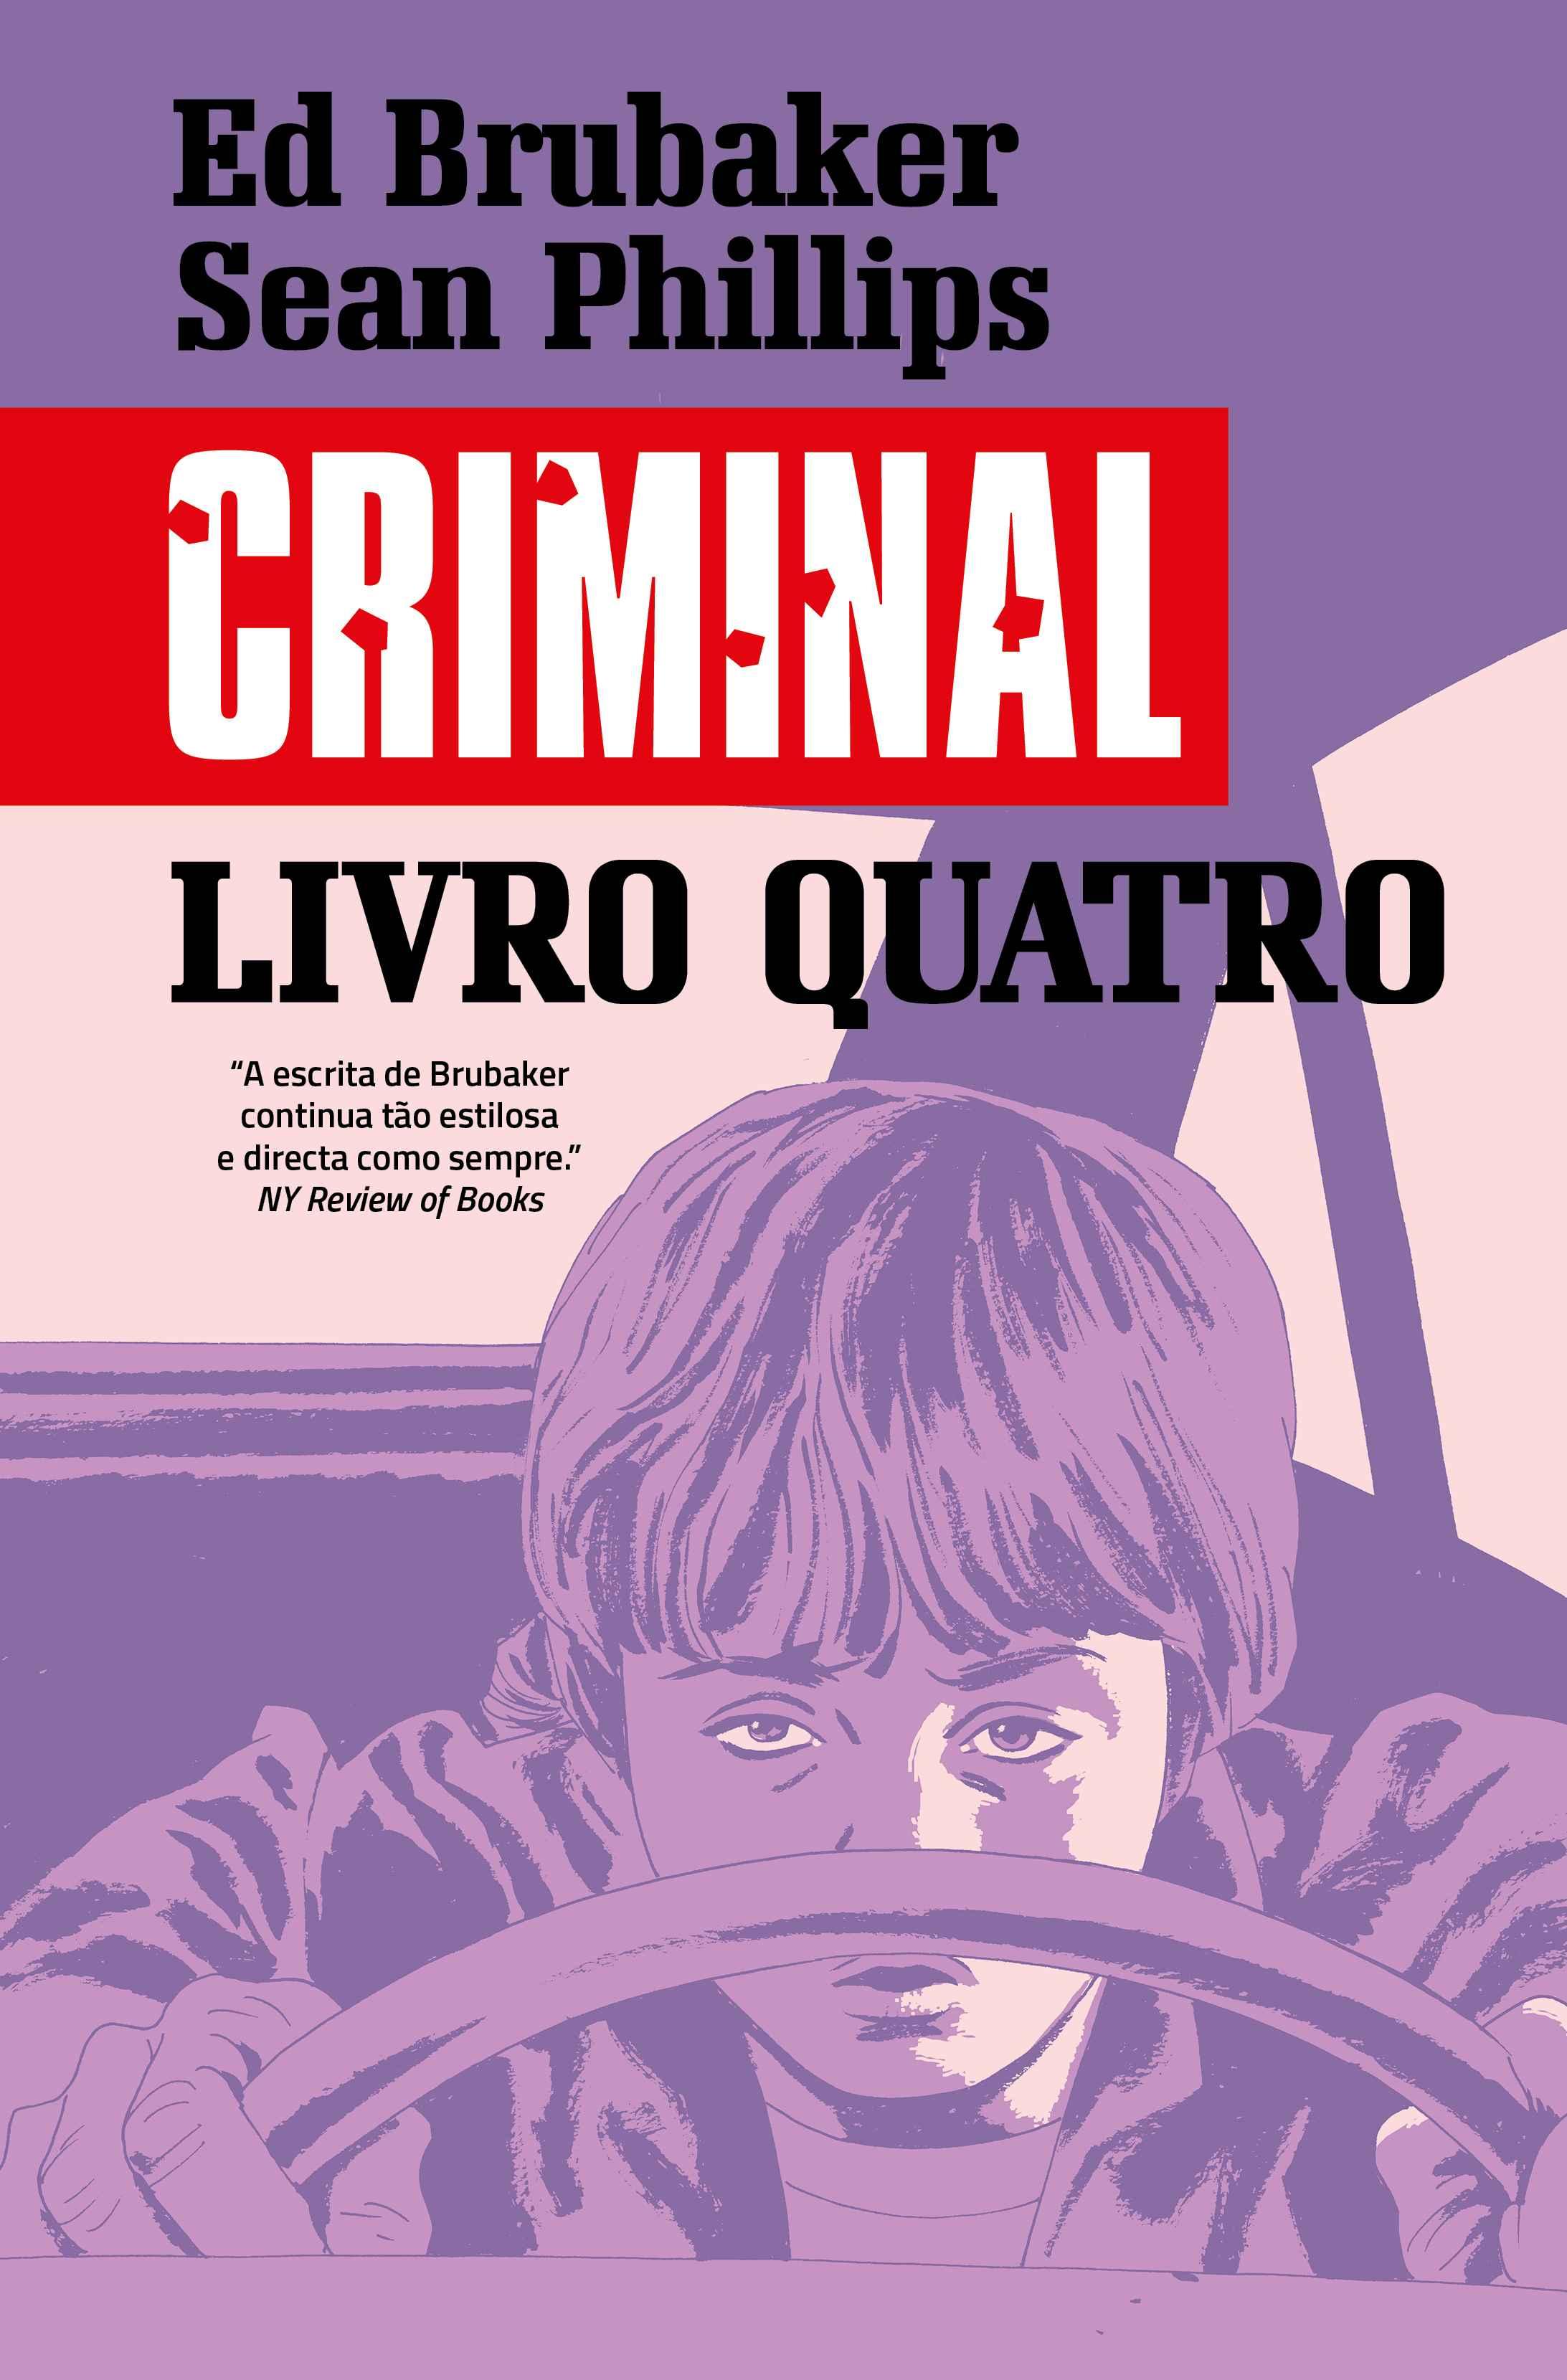 CRIMINAL LIVRO QUATRO